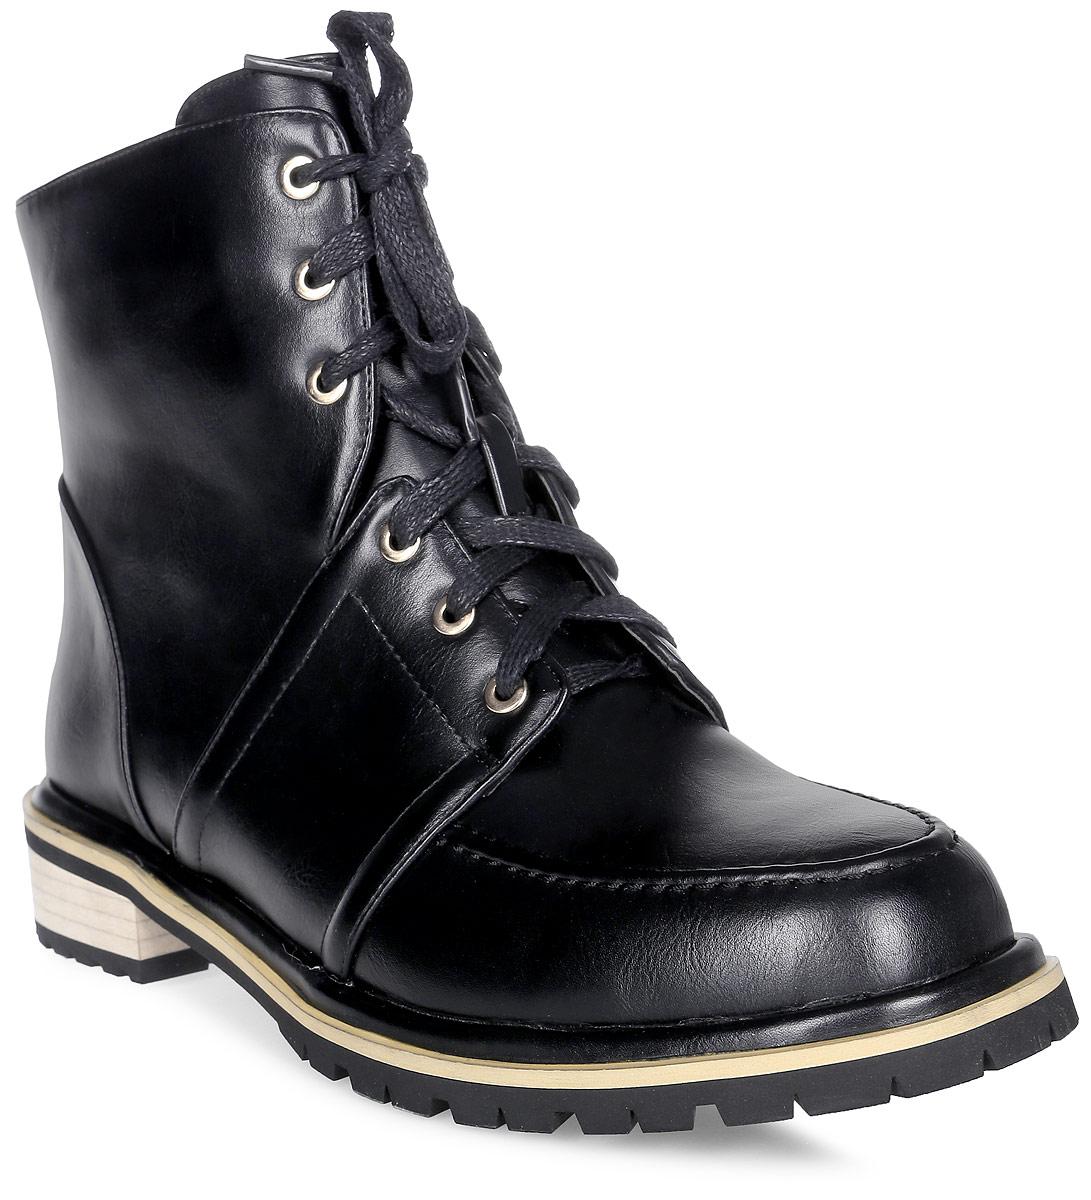 Ботинки женские Vitacci, цвет: черный. 83004. Размер 4183004Удобные женские ботинки от Vitacci изготовлены из качественной искусственной кожи. Модель застегивается на боковую молнию и шнуровку. Практичная стелька из ворсина обеспечит комфорт при носке. Подошва дополнена небольшим каблуком и рифлением.